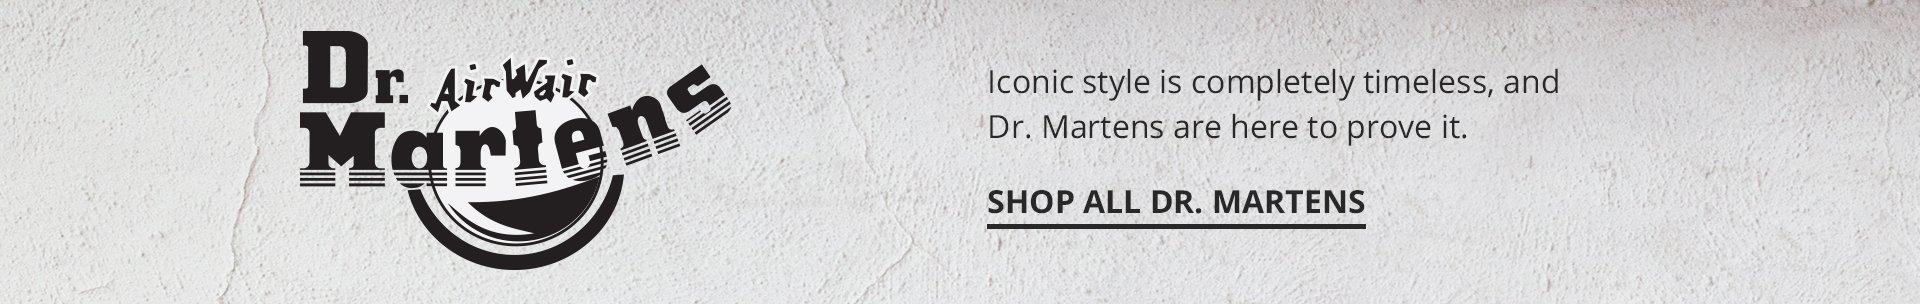 Shop All Dr. Martens Shoes